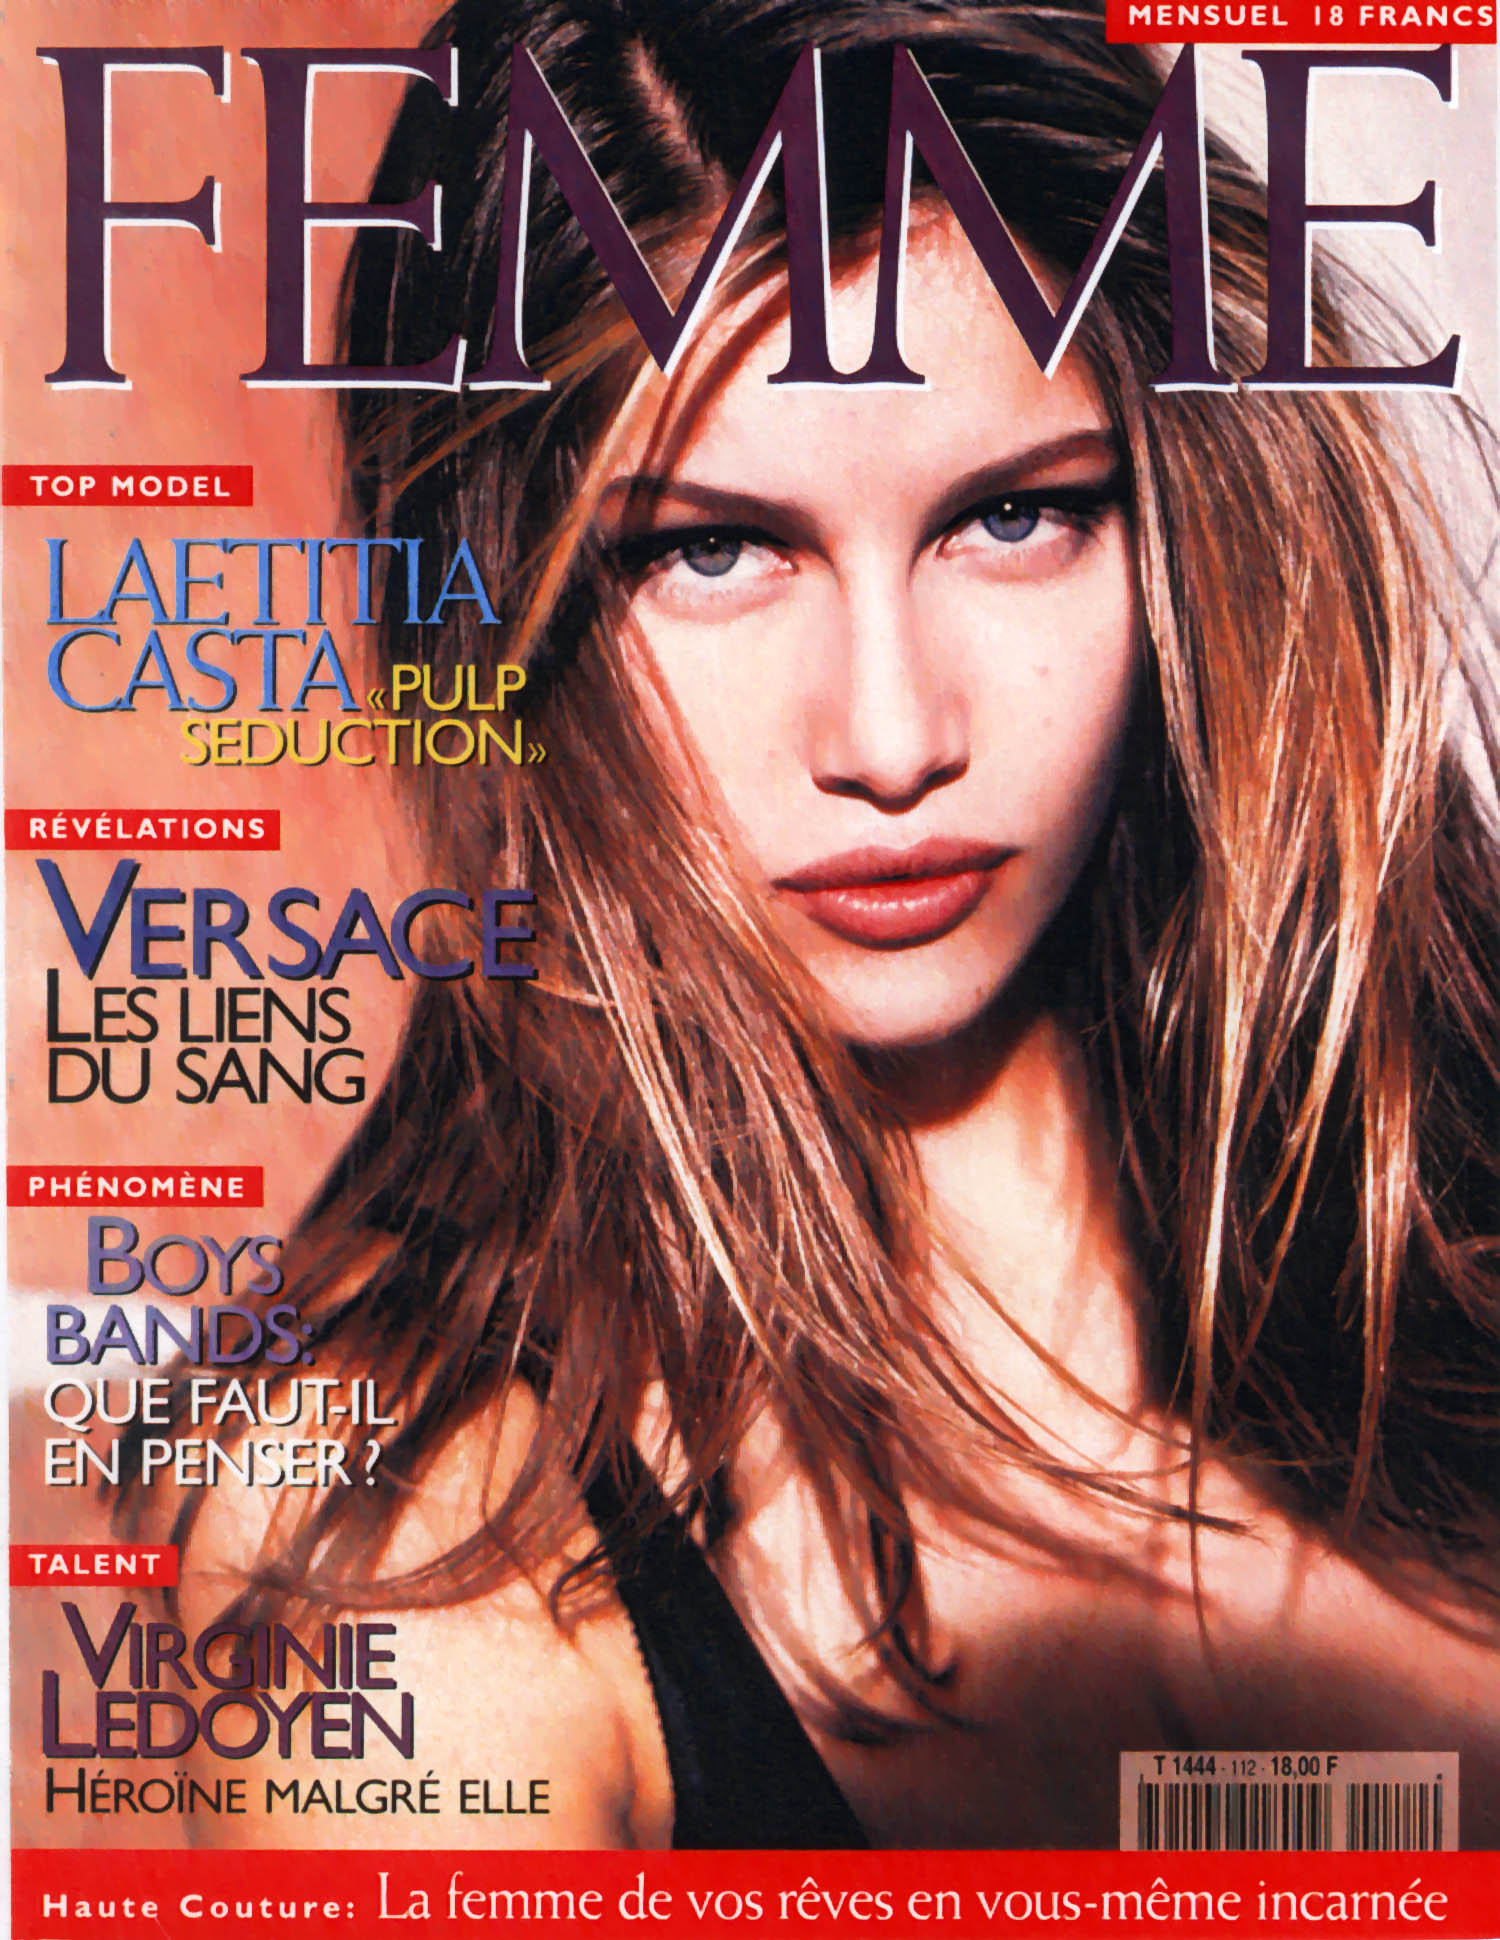 1997 FEMME - Sept97 - couve.jpg